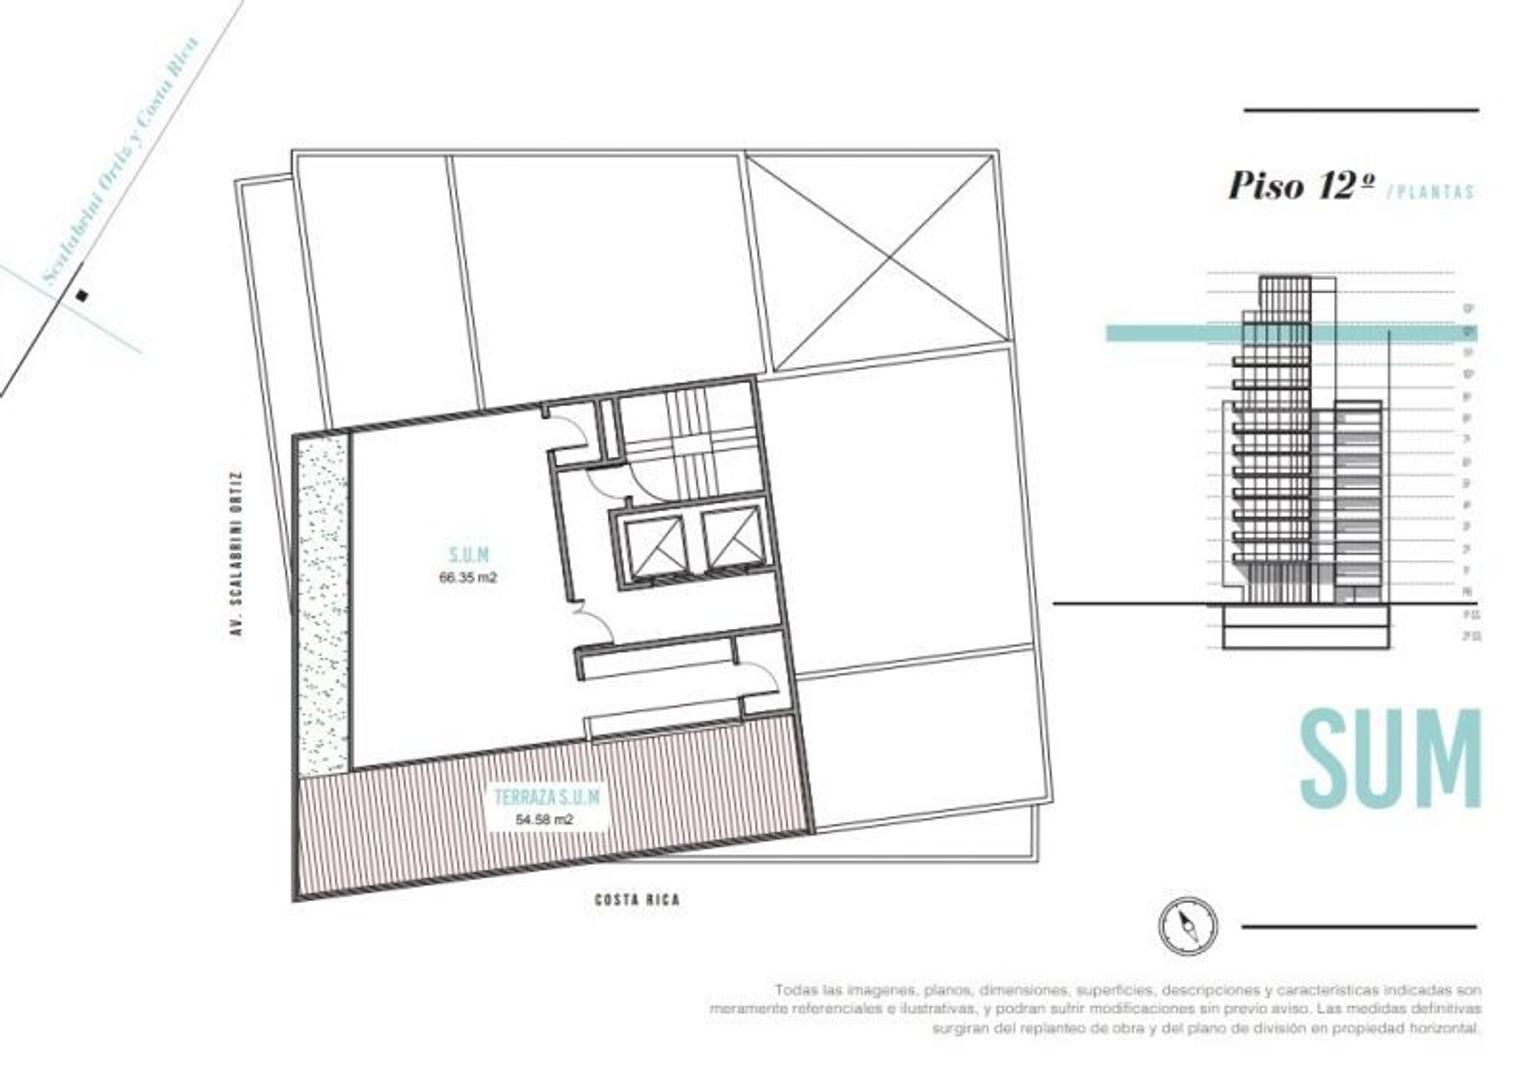 Departamento en Palermo Soho con 2 habitaciones